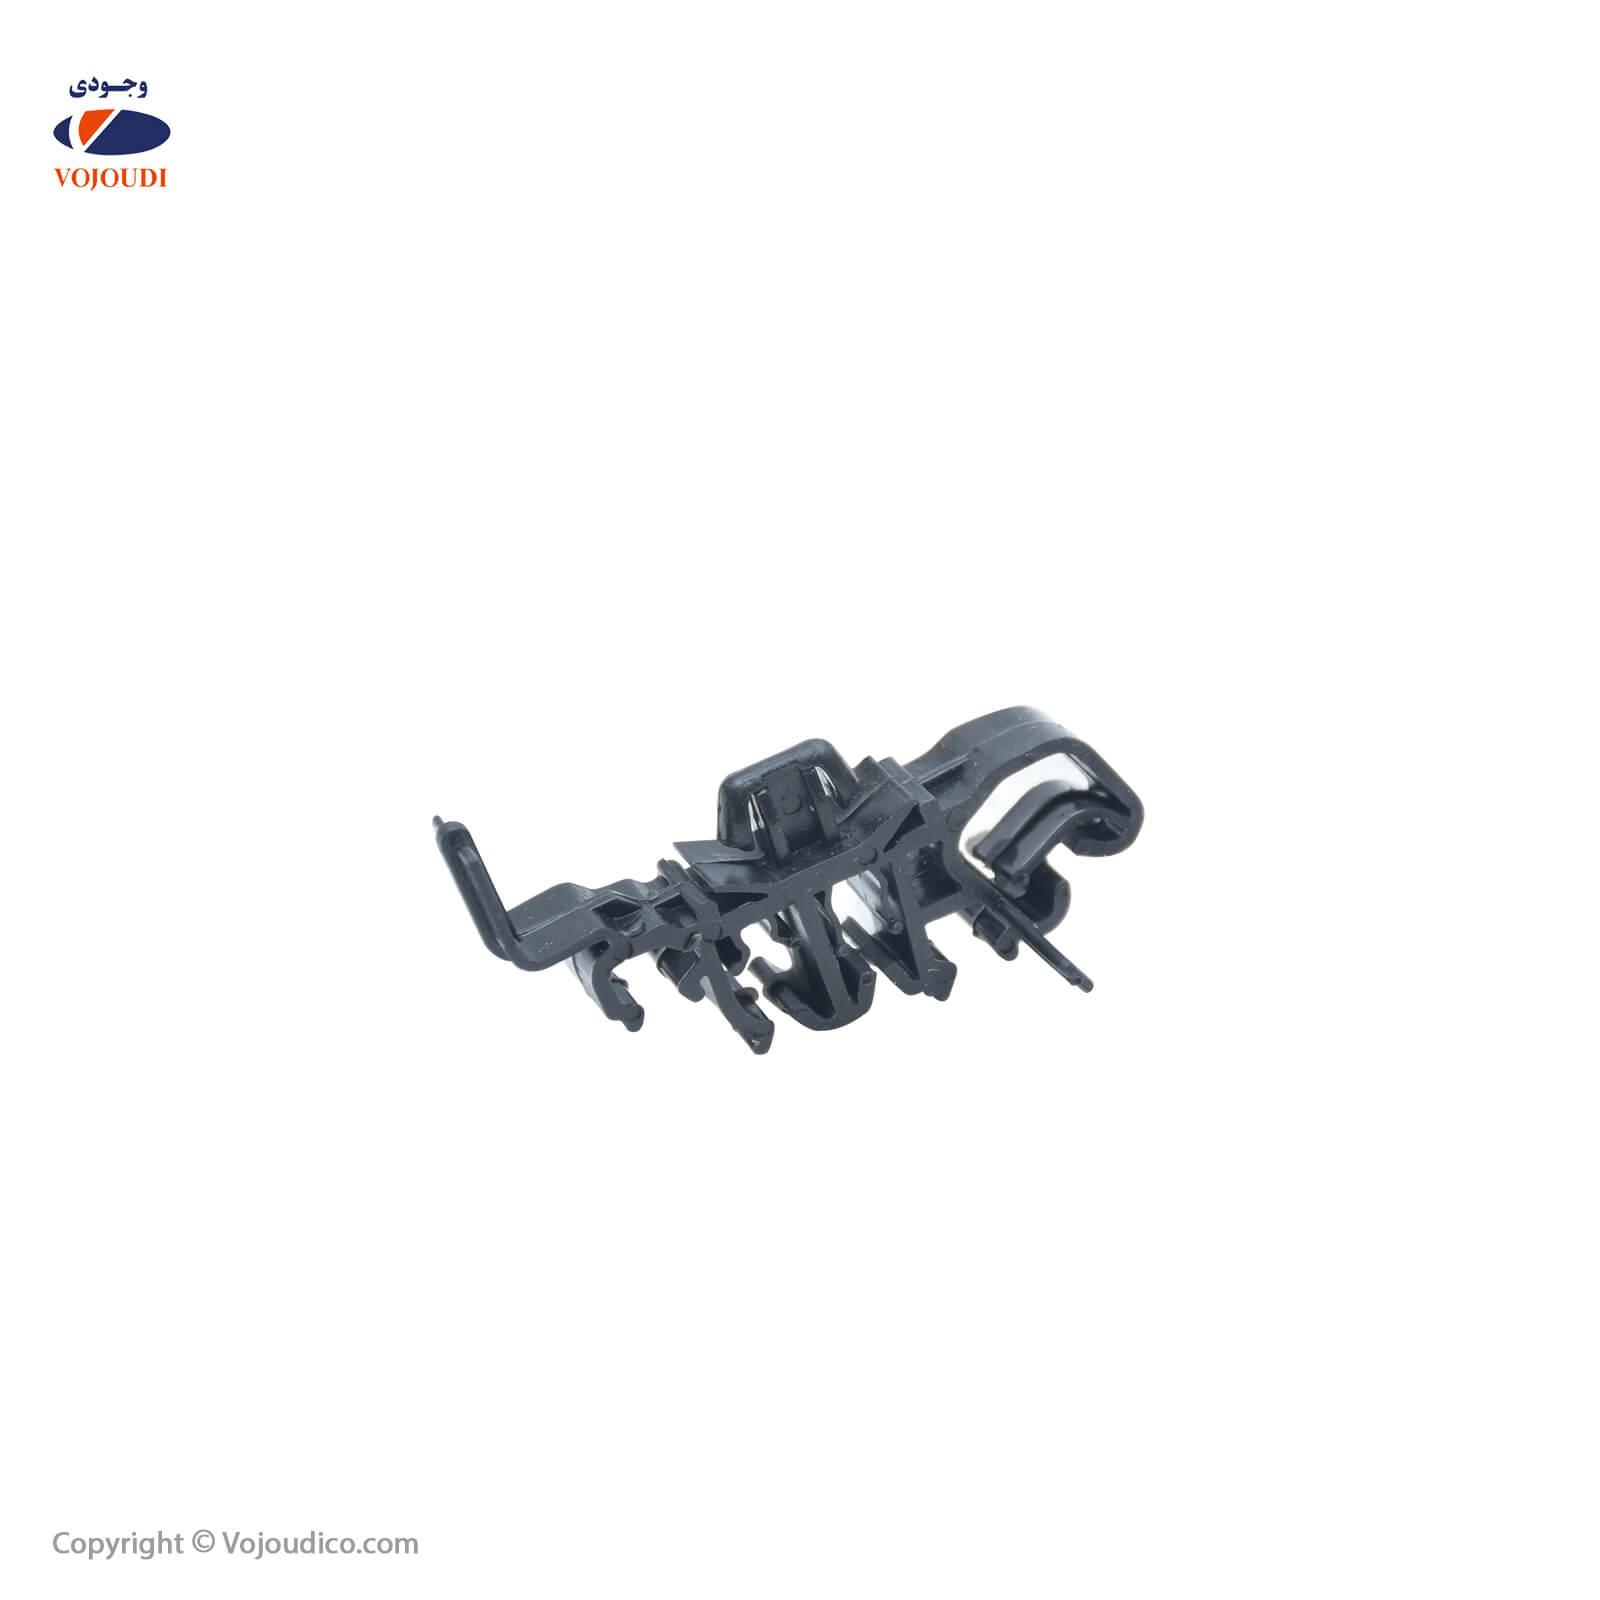 3789 1 - بست قاب ستون هلیکوپتری وجودی کد 3789 مناسب برای 206 ، تعداد بسته : 50 عدد